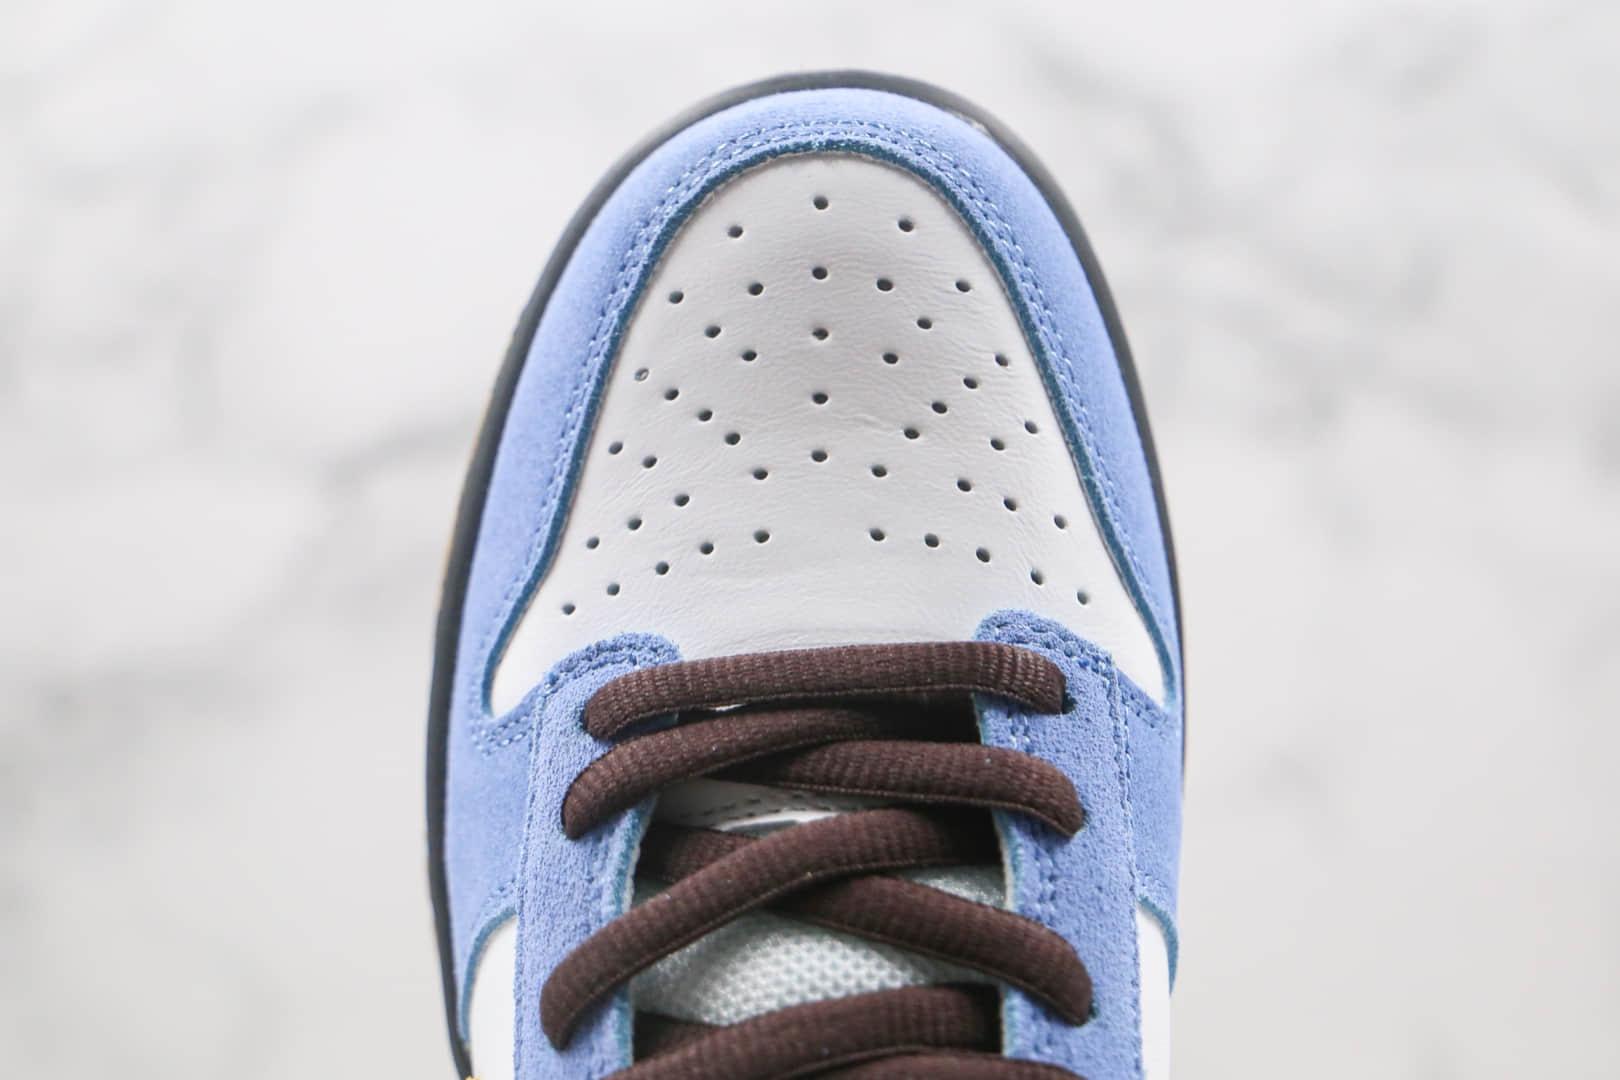 耐克NIKE DUNK SB LOW PRO SB HOMER纯原版本低帮SB DUNK辛普森白蓝配色板鞋内置后跟Zoom气垫 货号:304292-173